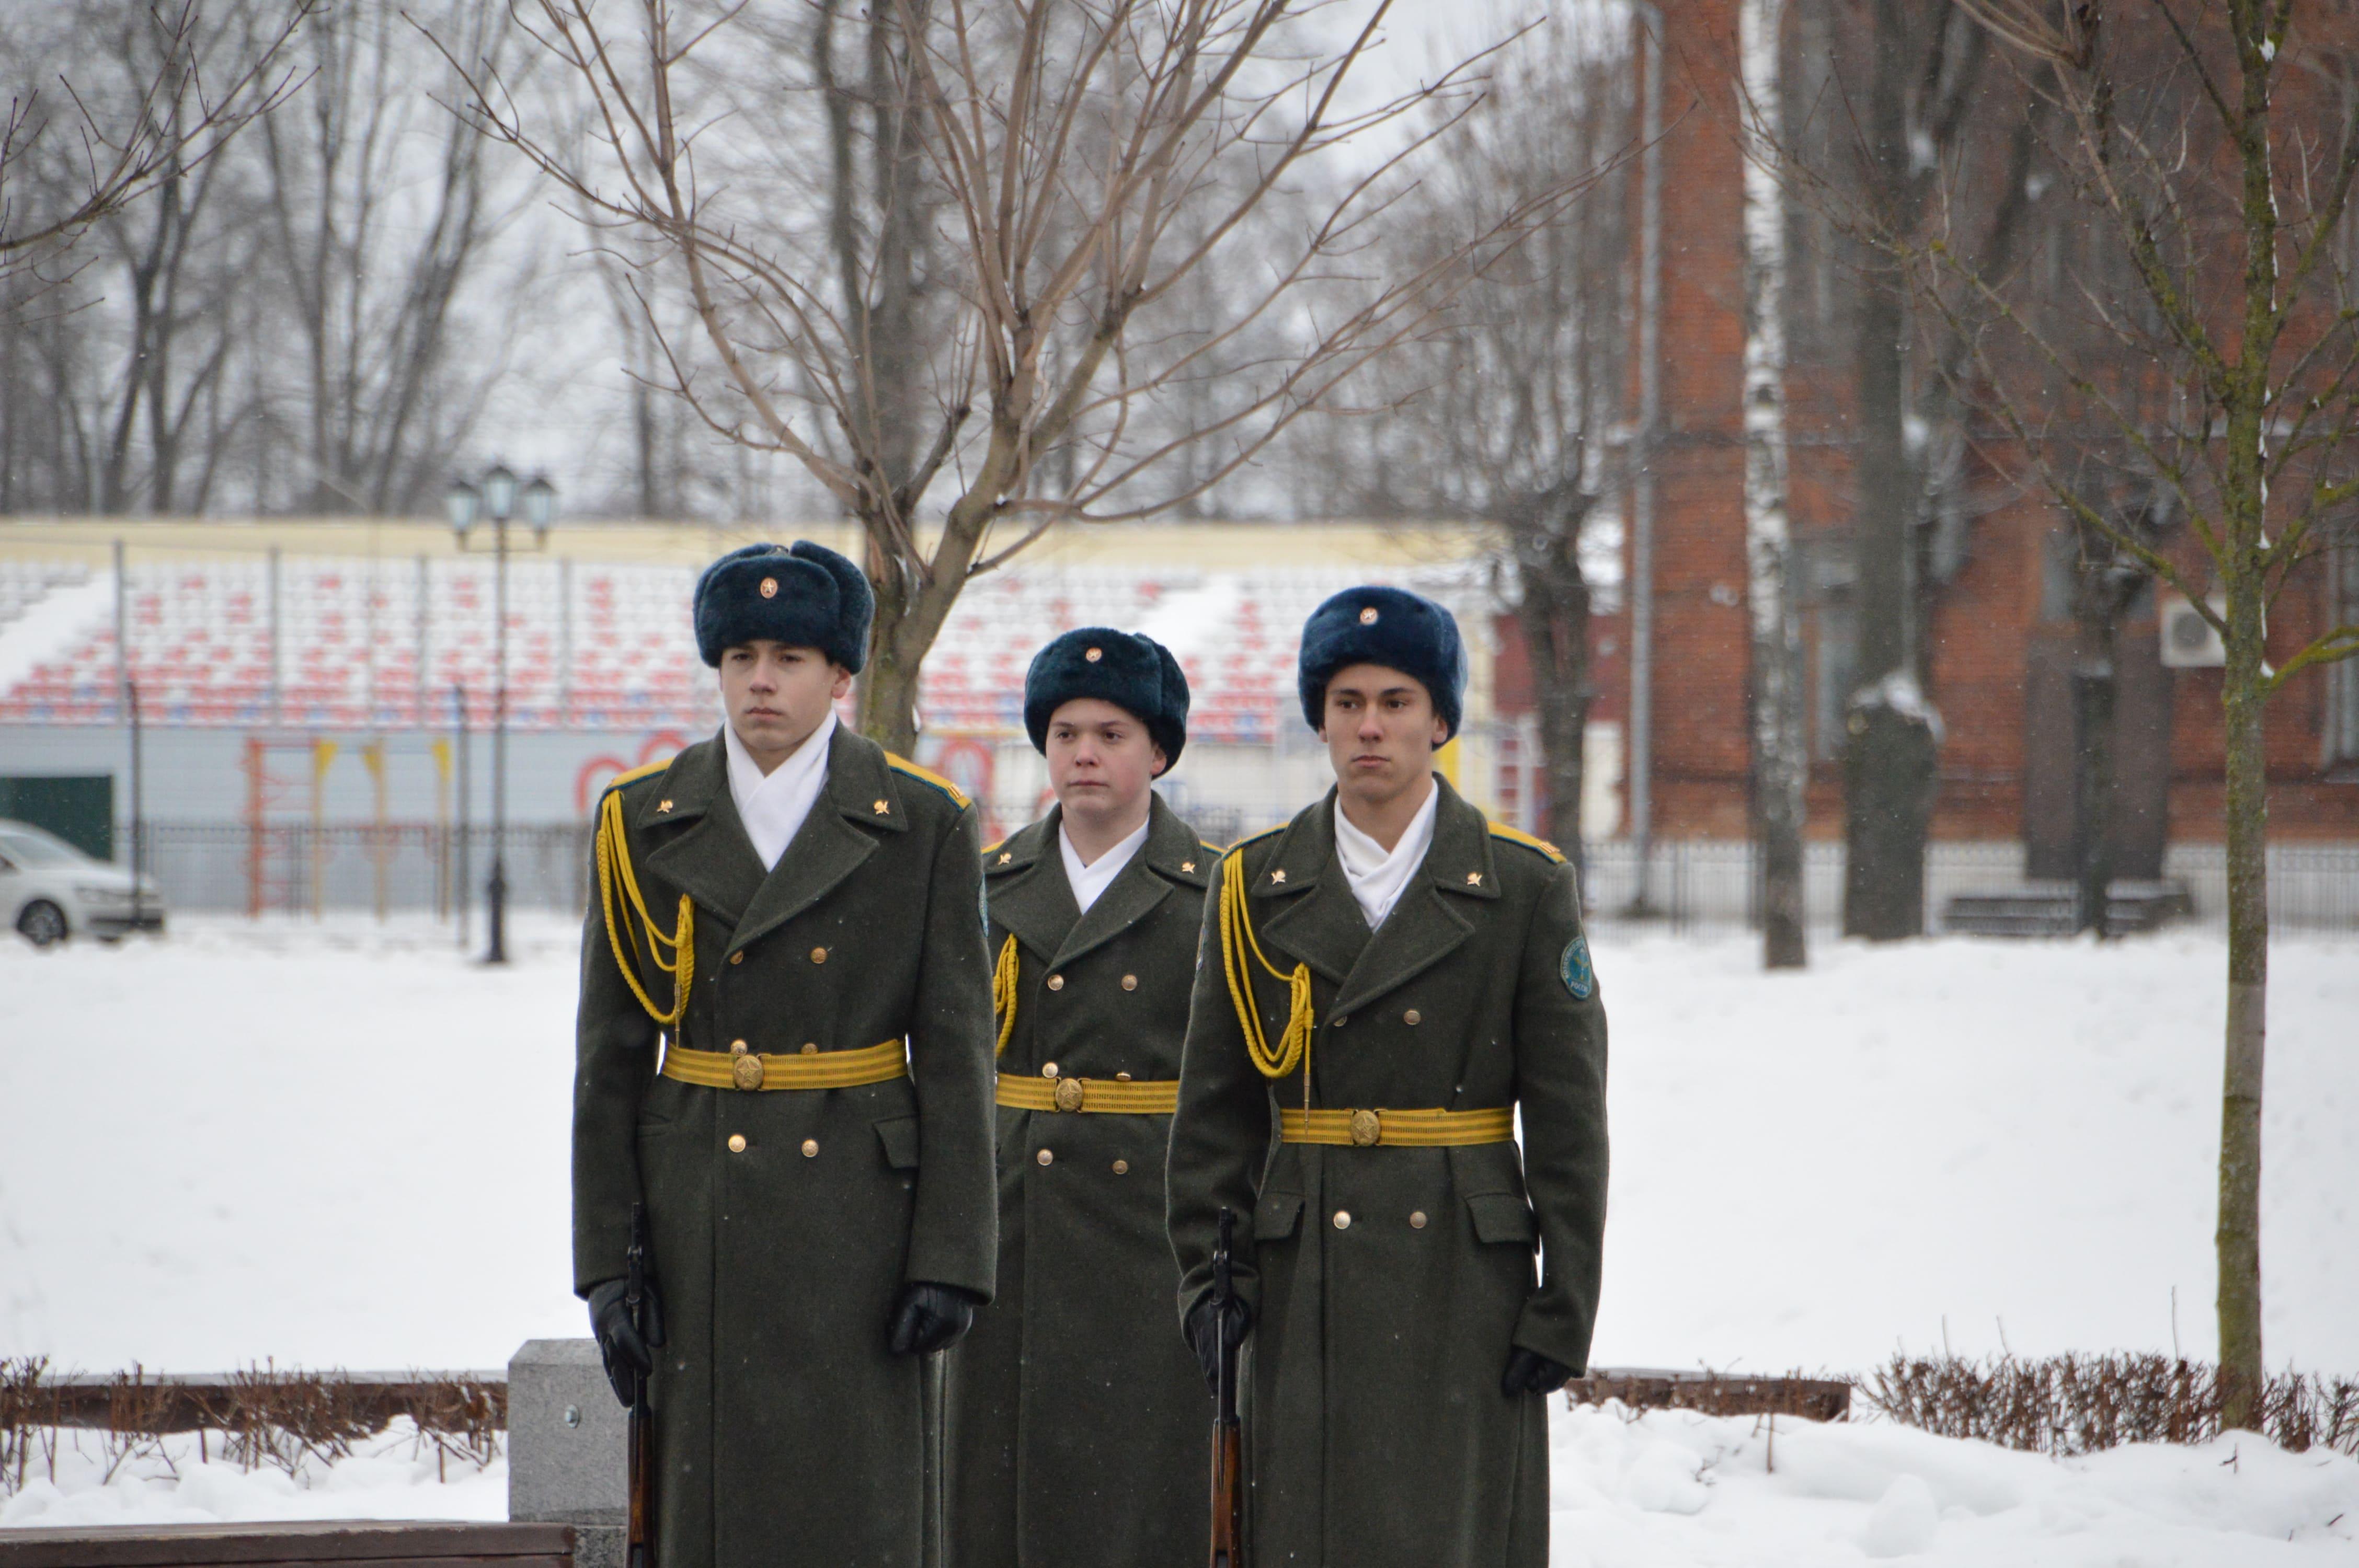 В Твери прошли памятные мероприятия, посвященные снятию блокады Ленинграда